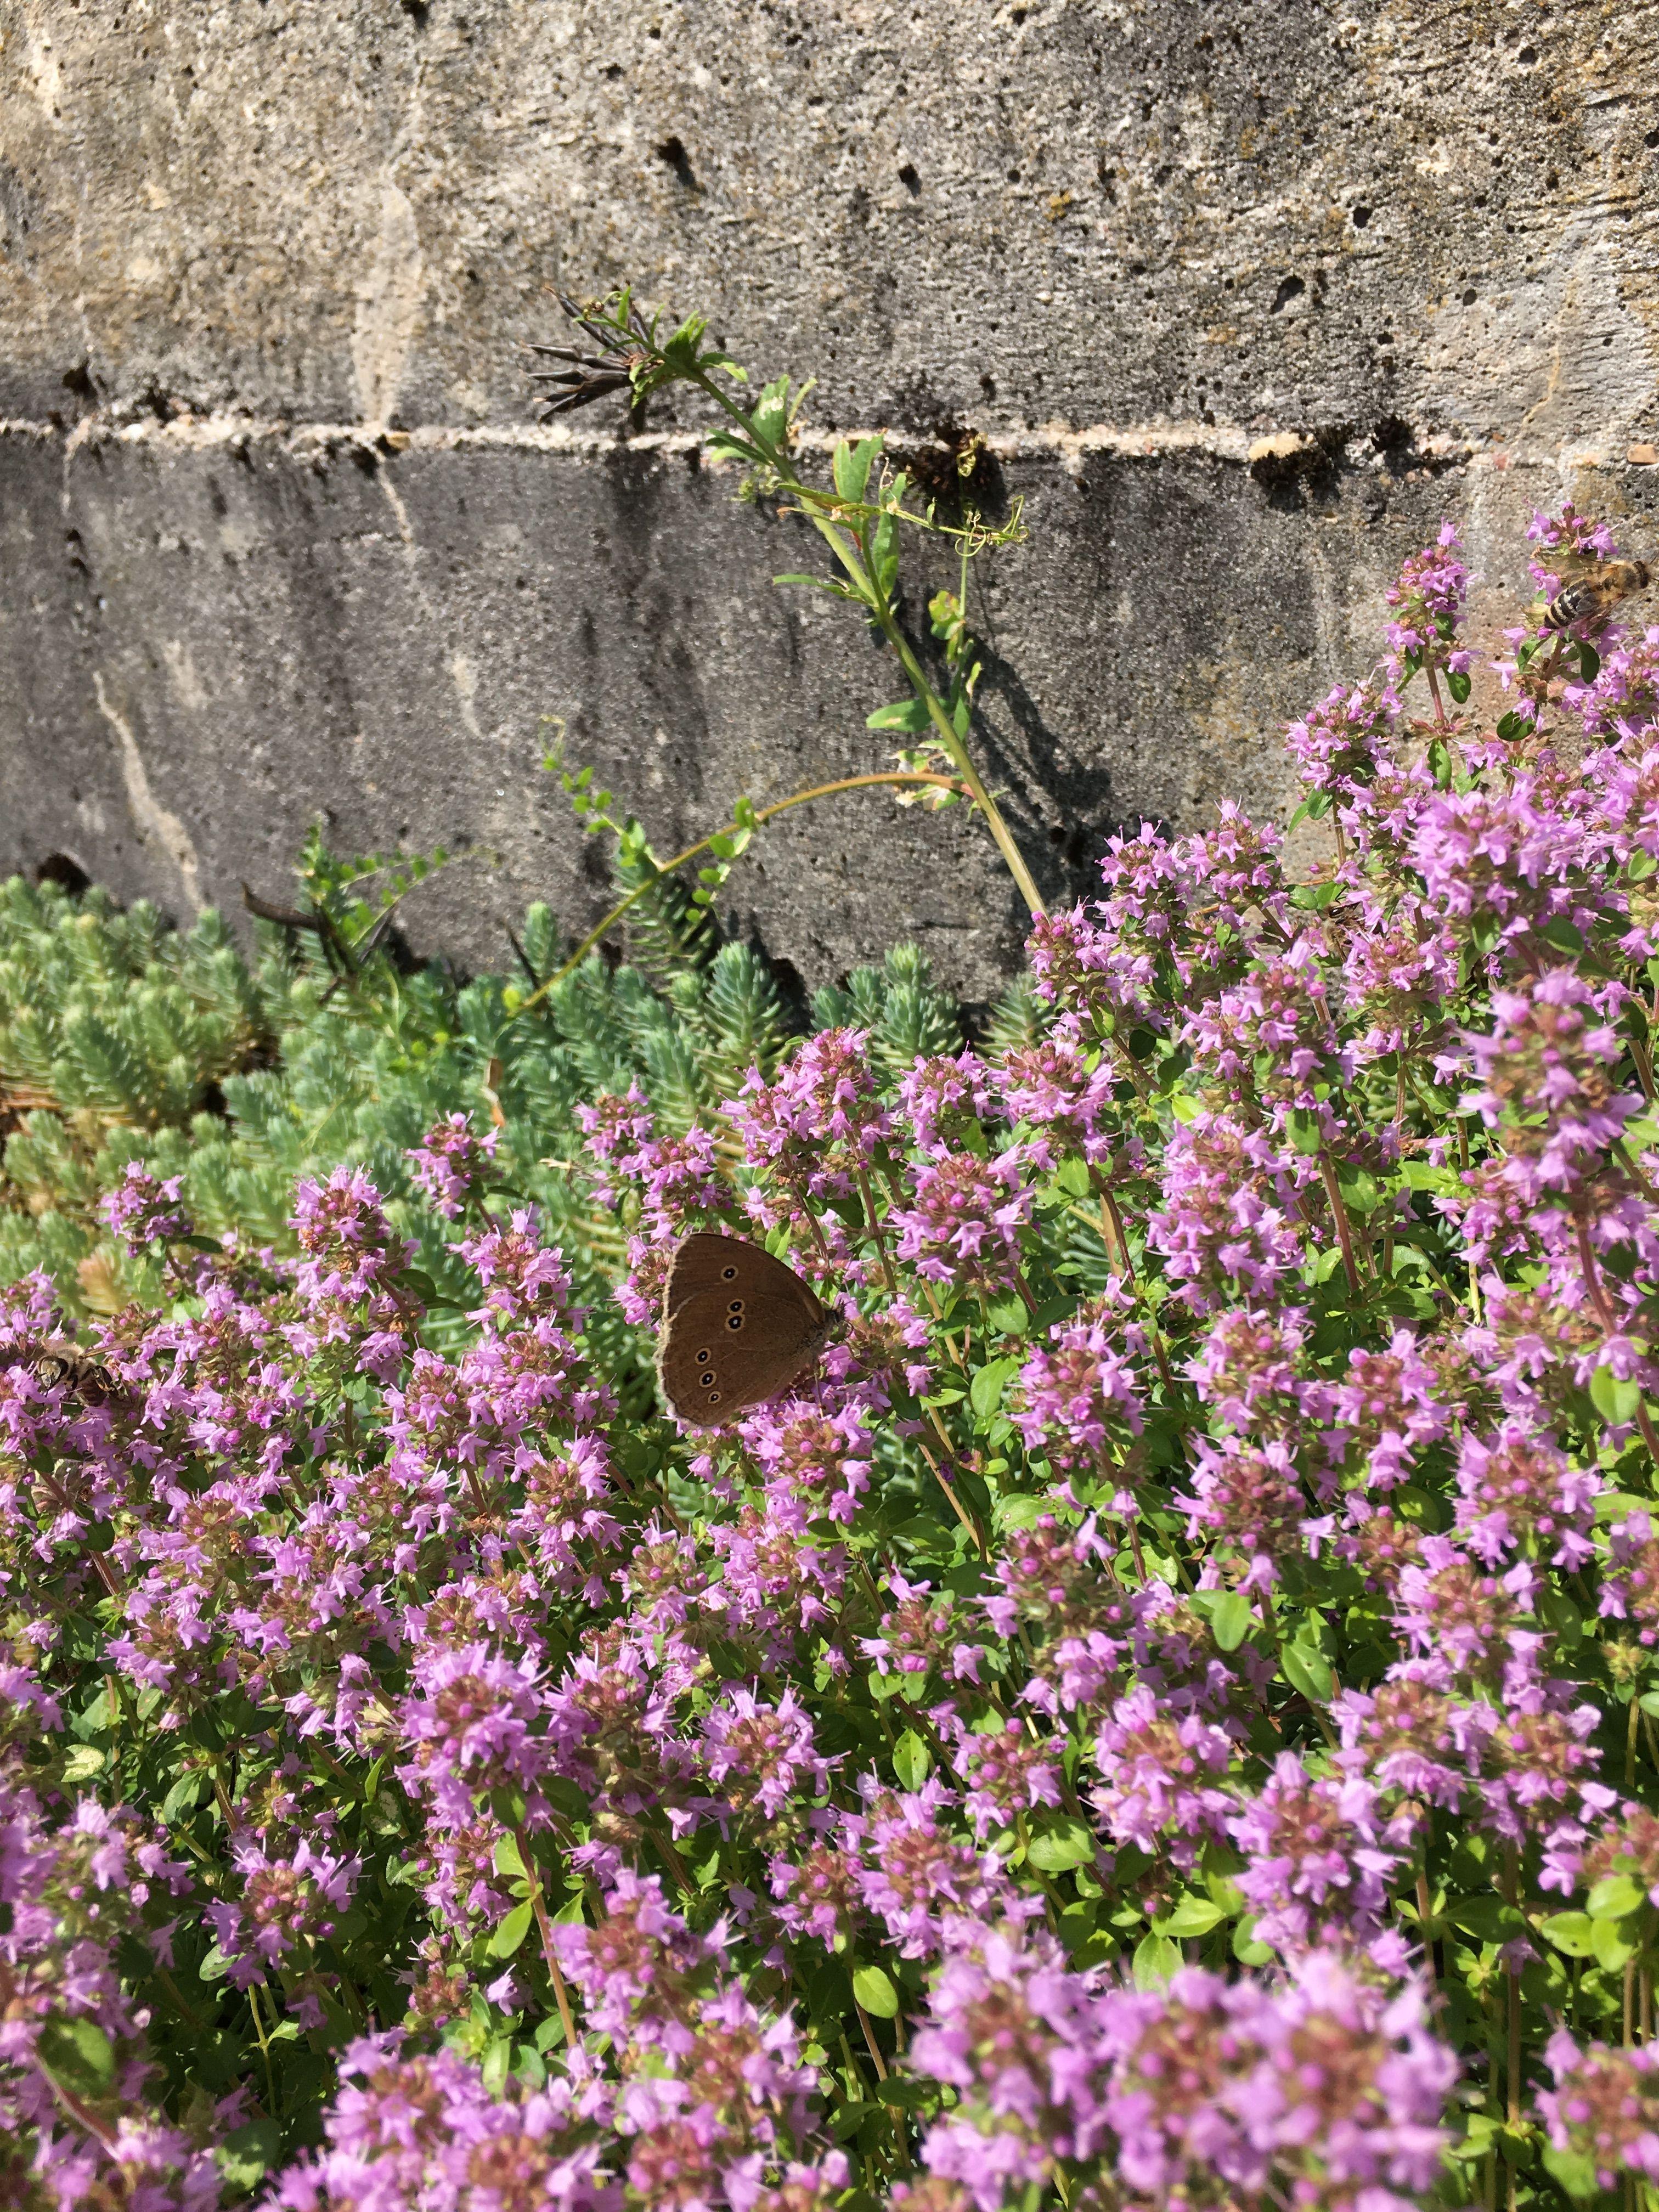 Schmetterling auf wildemThymian